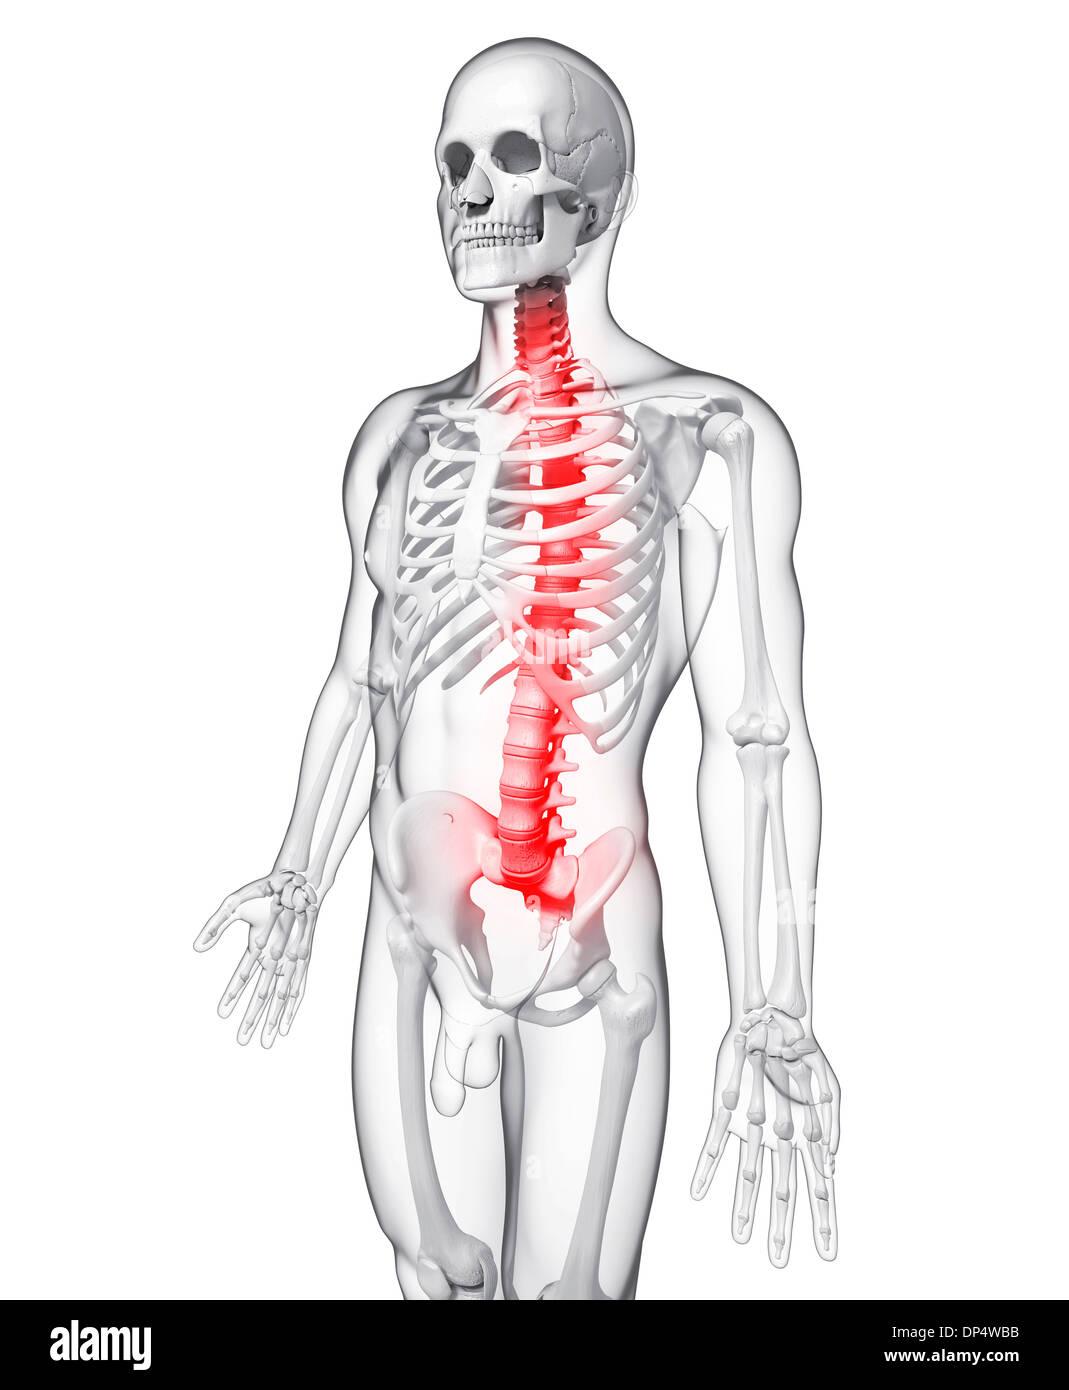 Großartig Rückenstrecker Anatomie Fotos - Menschliche Anatomie ...